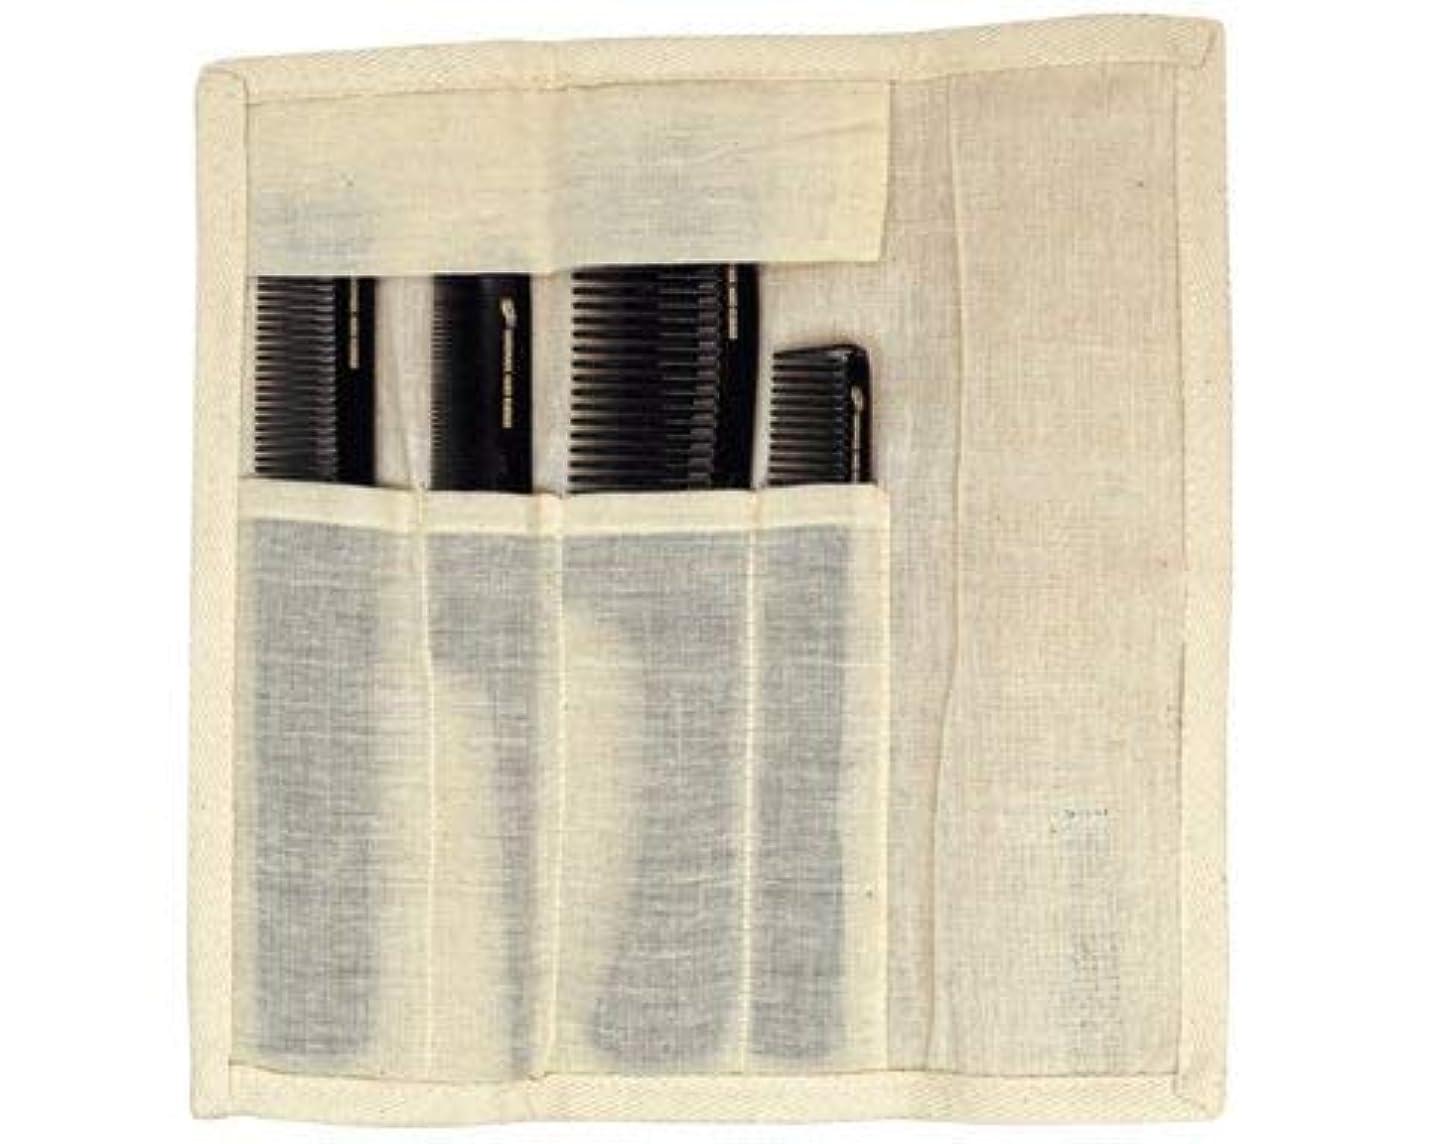 形アクチュエータ発行Suavecito Professional Handmade Comb Kit [並行輸入品]